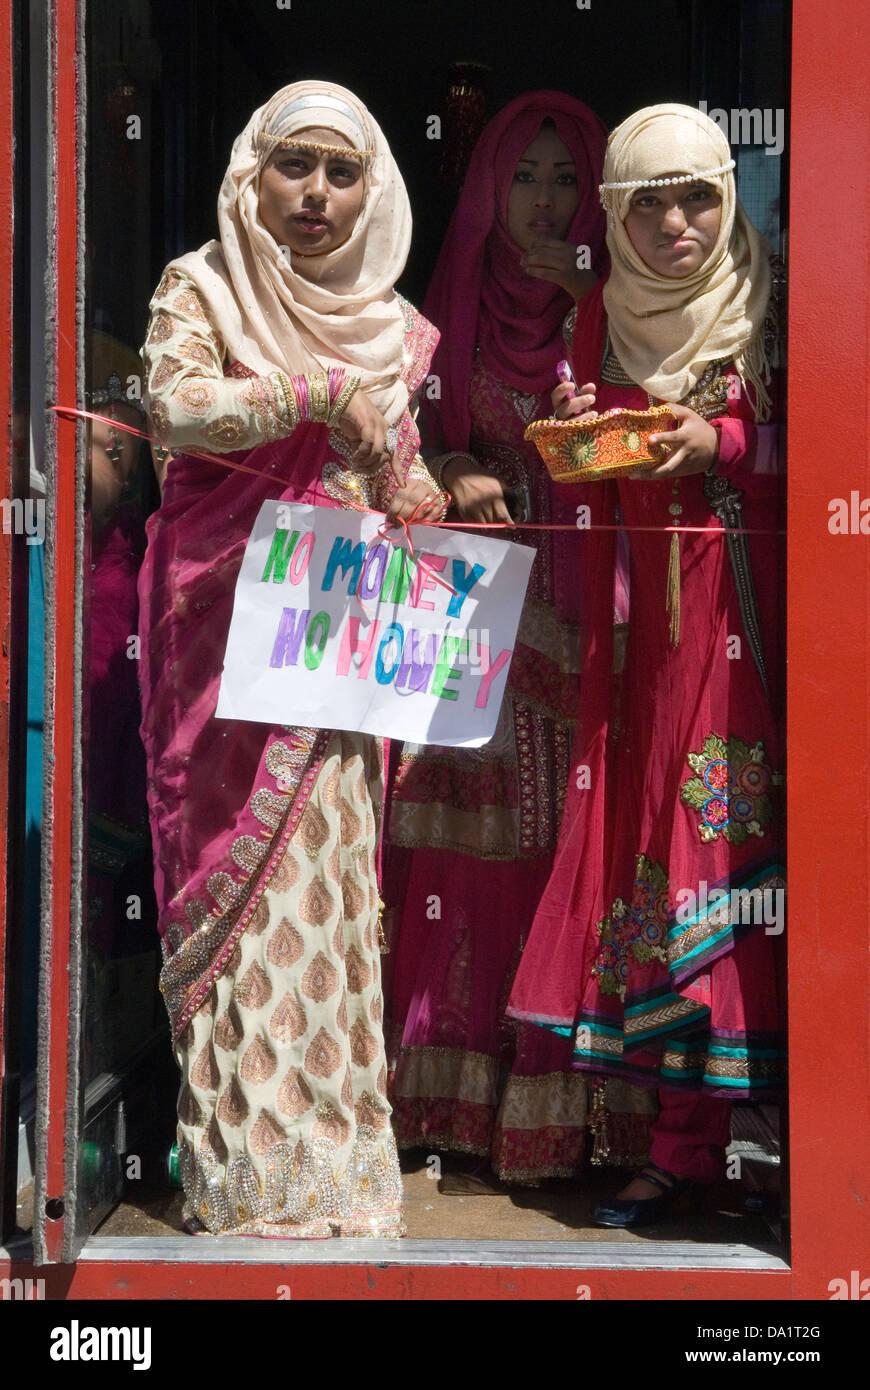 No Money No Honey, Zeichen, dass moderne Mitgift Verwandten Zahlung vom Bräutigam muslimische Hochzeit Tag Stockbild